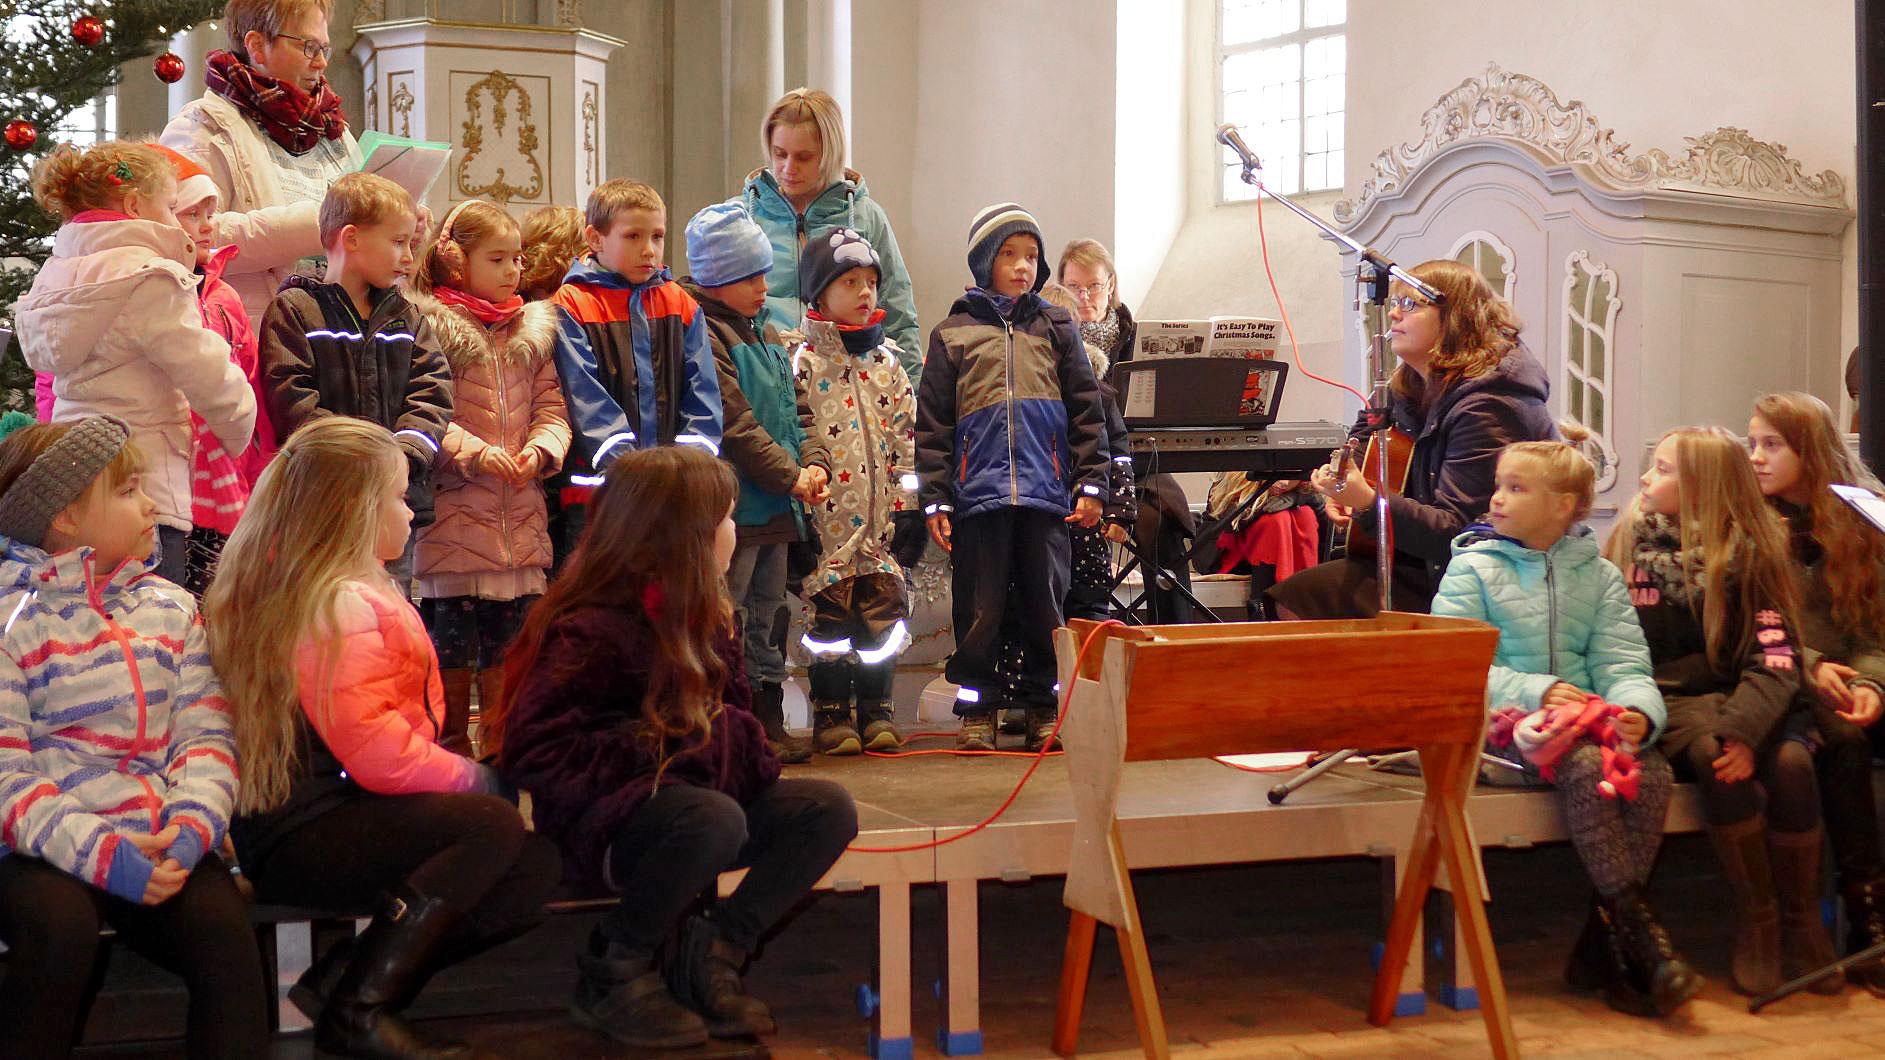 Alle singen an der Krippe - Weihnachtskonzert in der Lambertuski